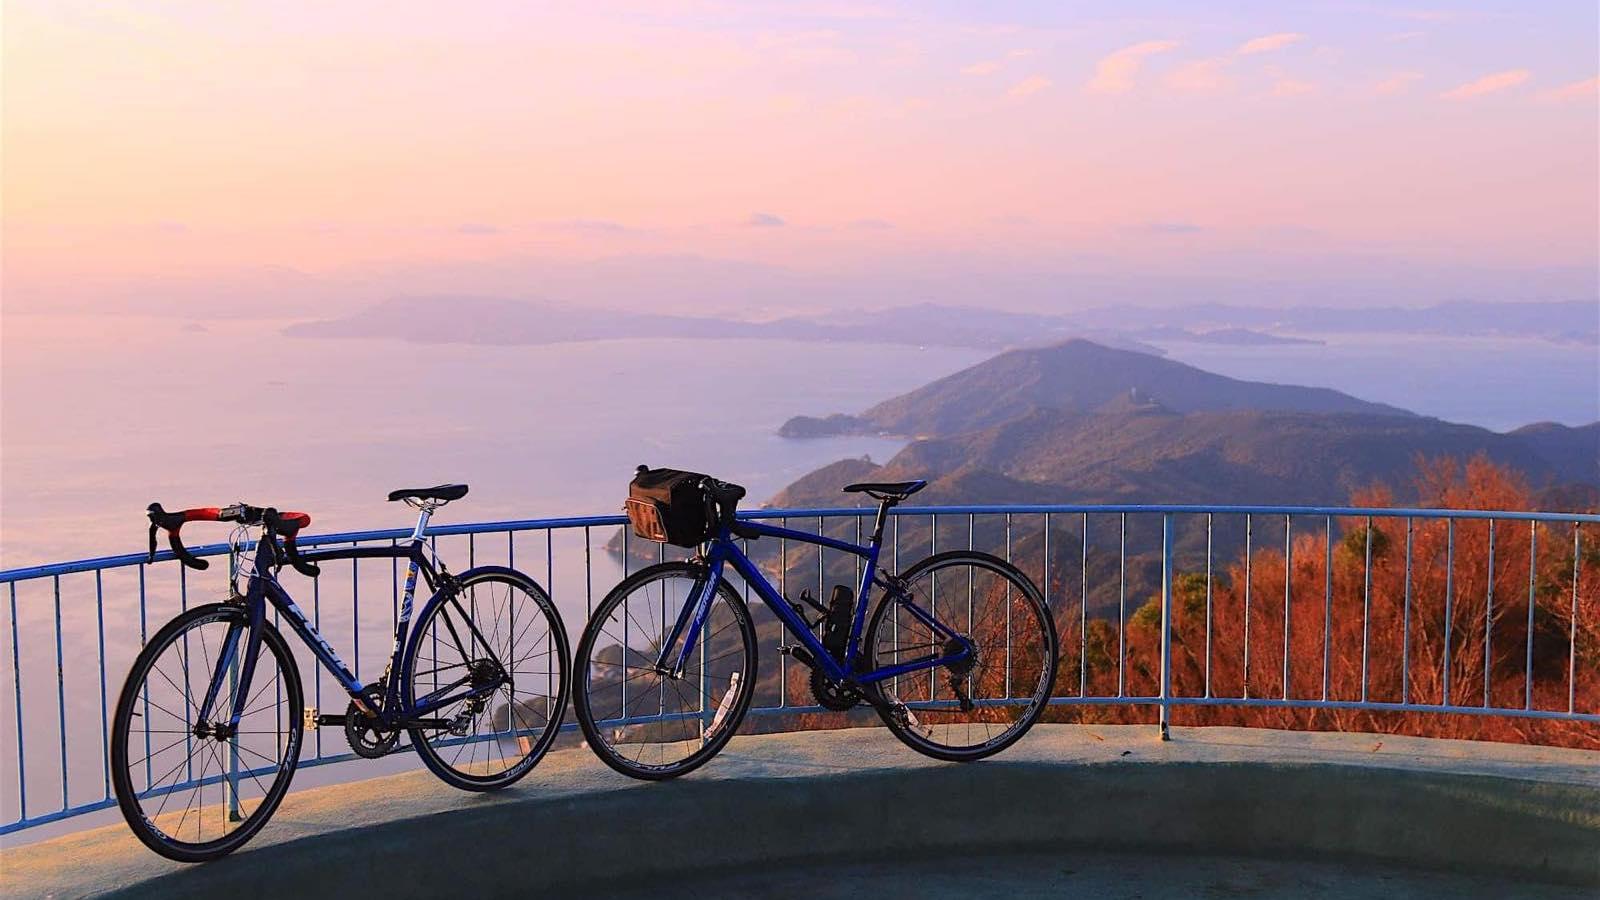 レンタサイクルでもOK!瀬戸内をロードバイクで巡る「ゆるポタ旅」のススメ